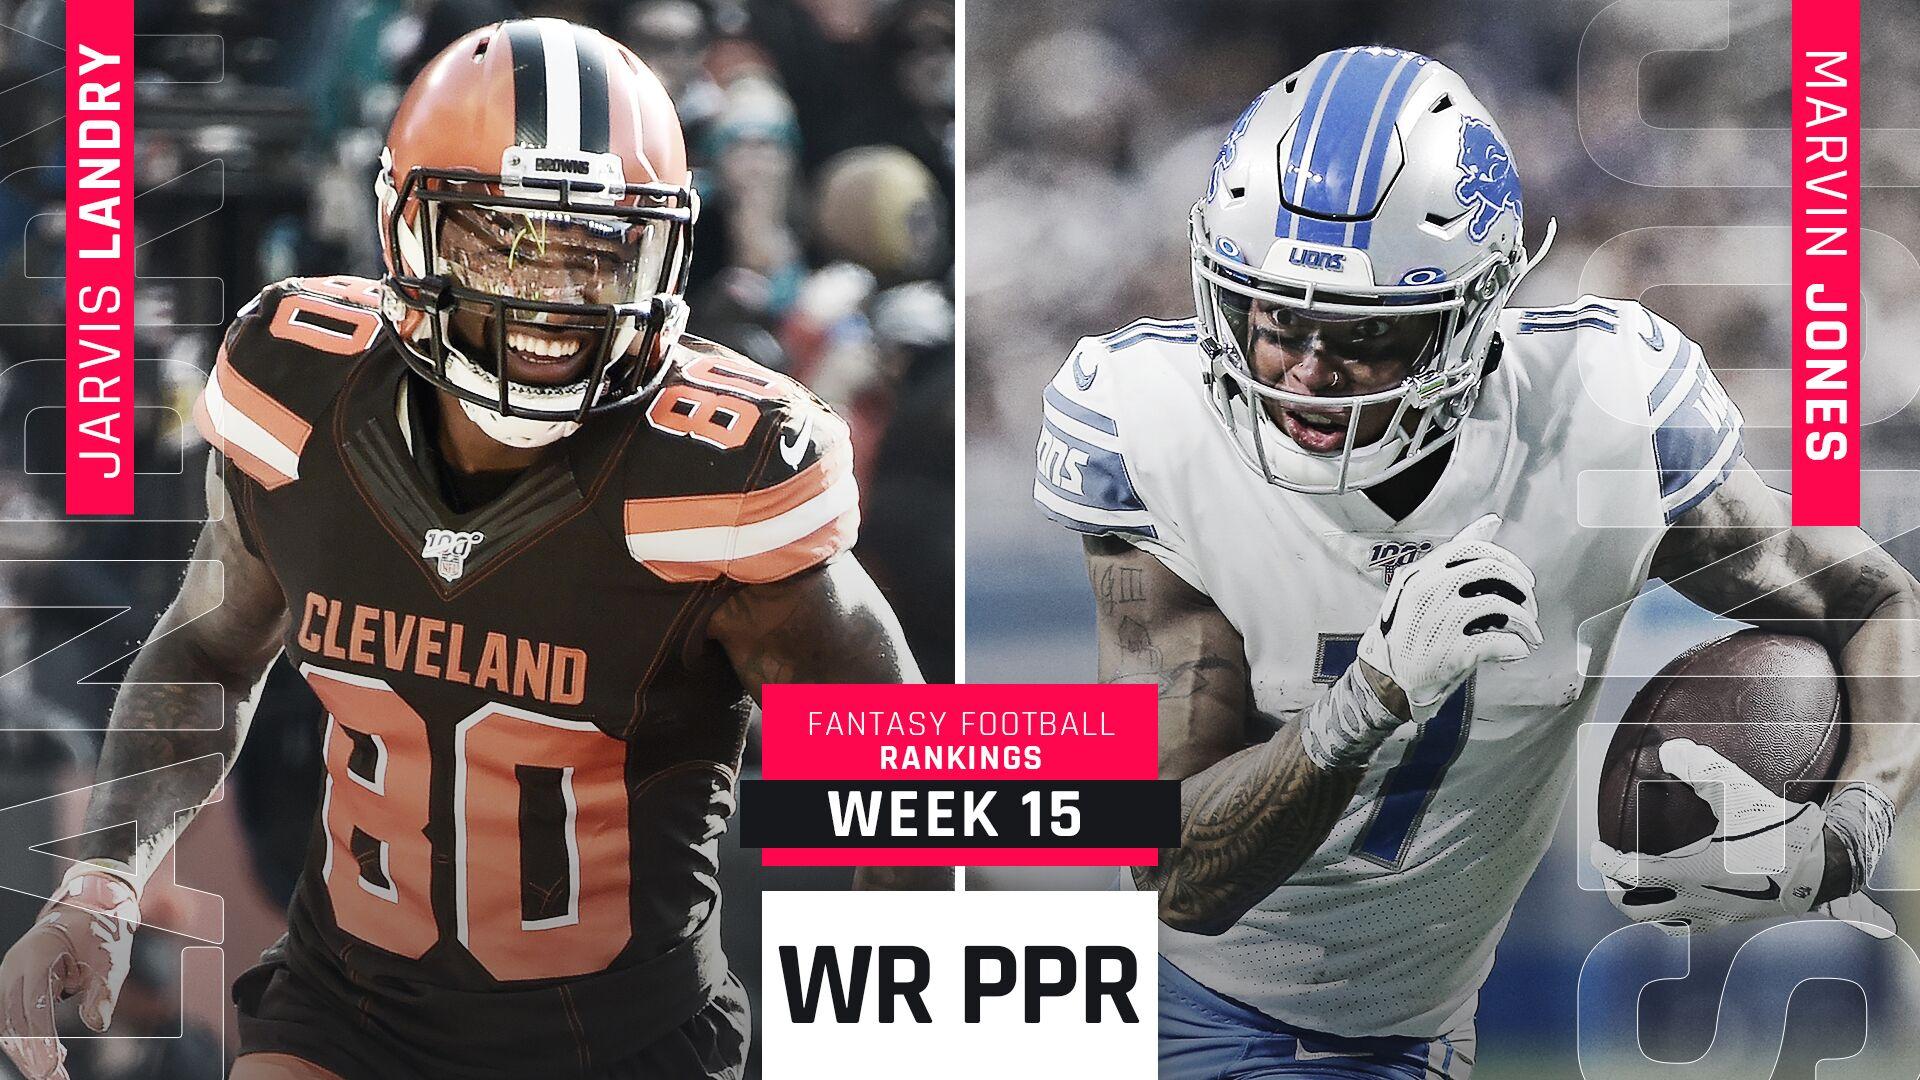 Week 15 PPR Rankings: WR